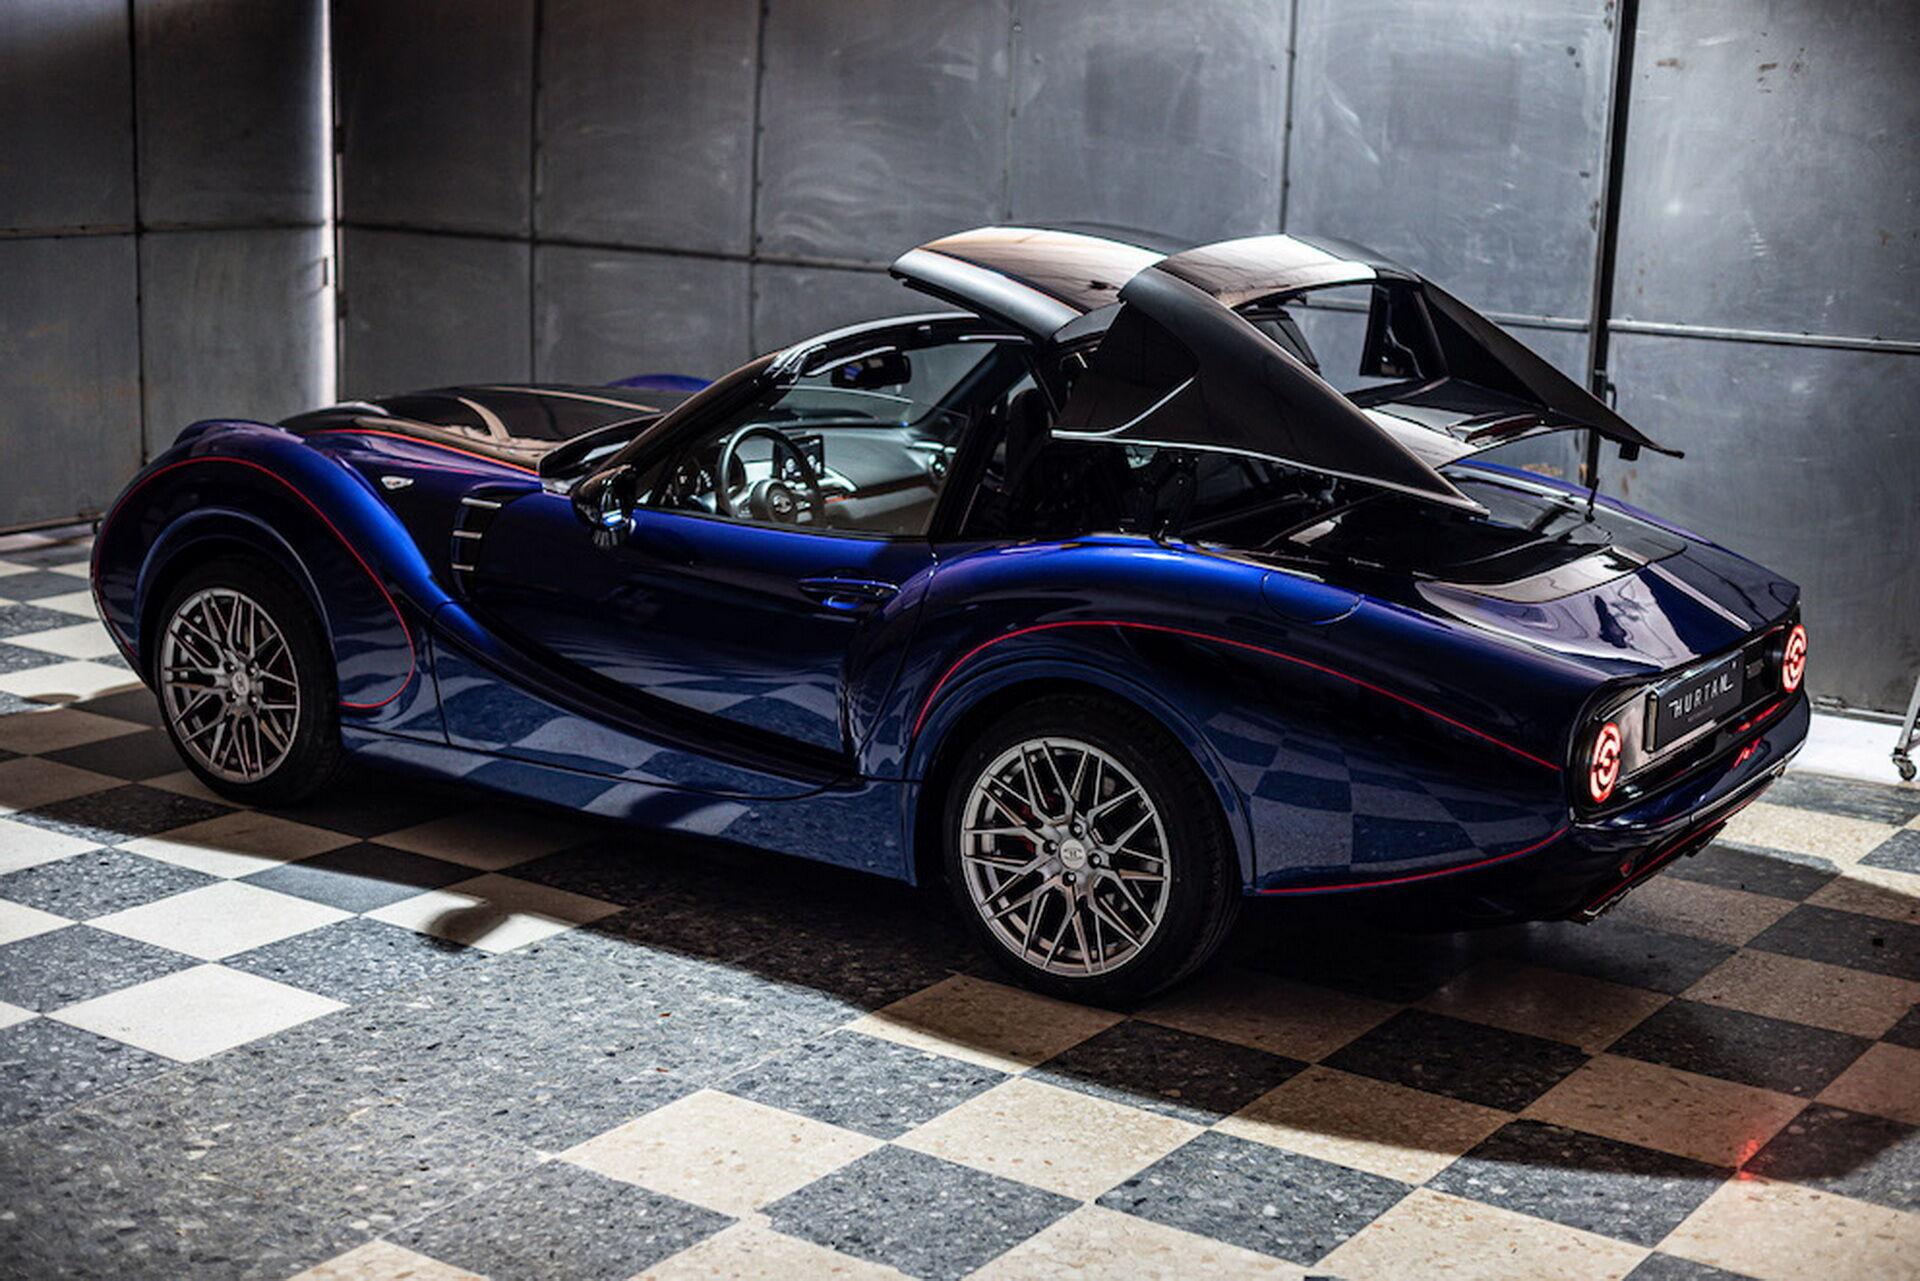 Автомобіль буде запропонований як із тканинним верхом, так й у варіанті купе-кабріолет із жорстким складним дахом